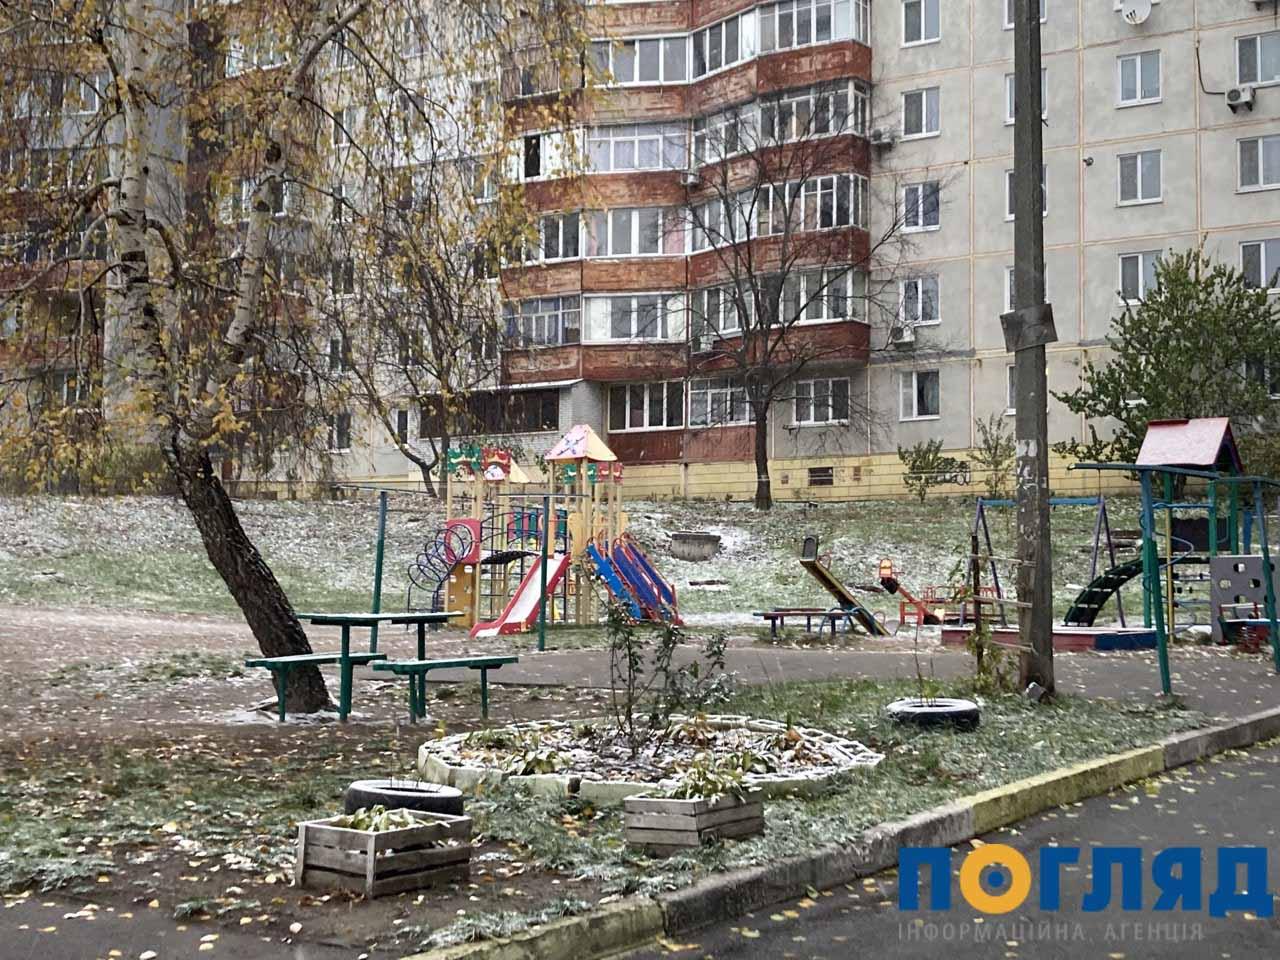 Засніжило: на Київщині випав перший сніг (ФОТО) - сніг, погода, перший сніг - 17 sneg Vasylkov3